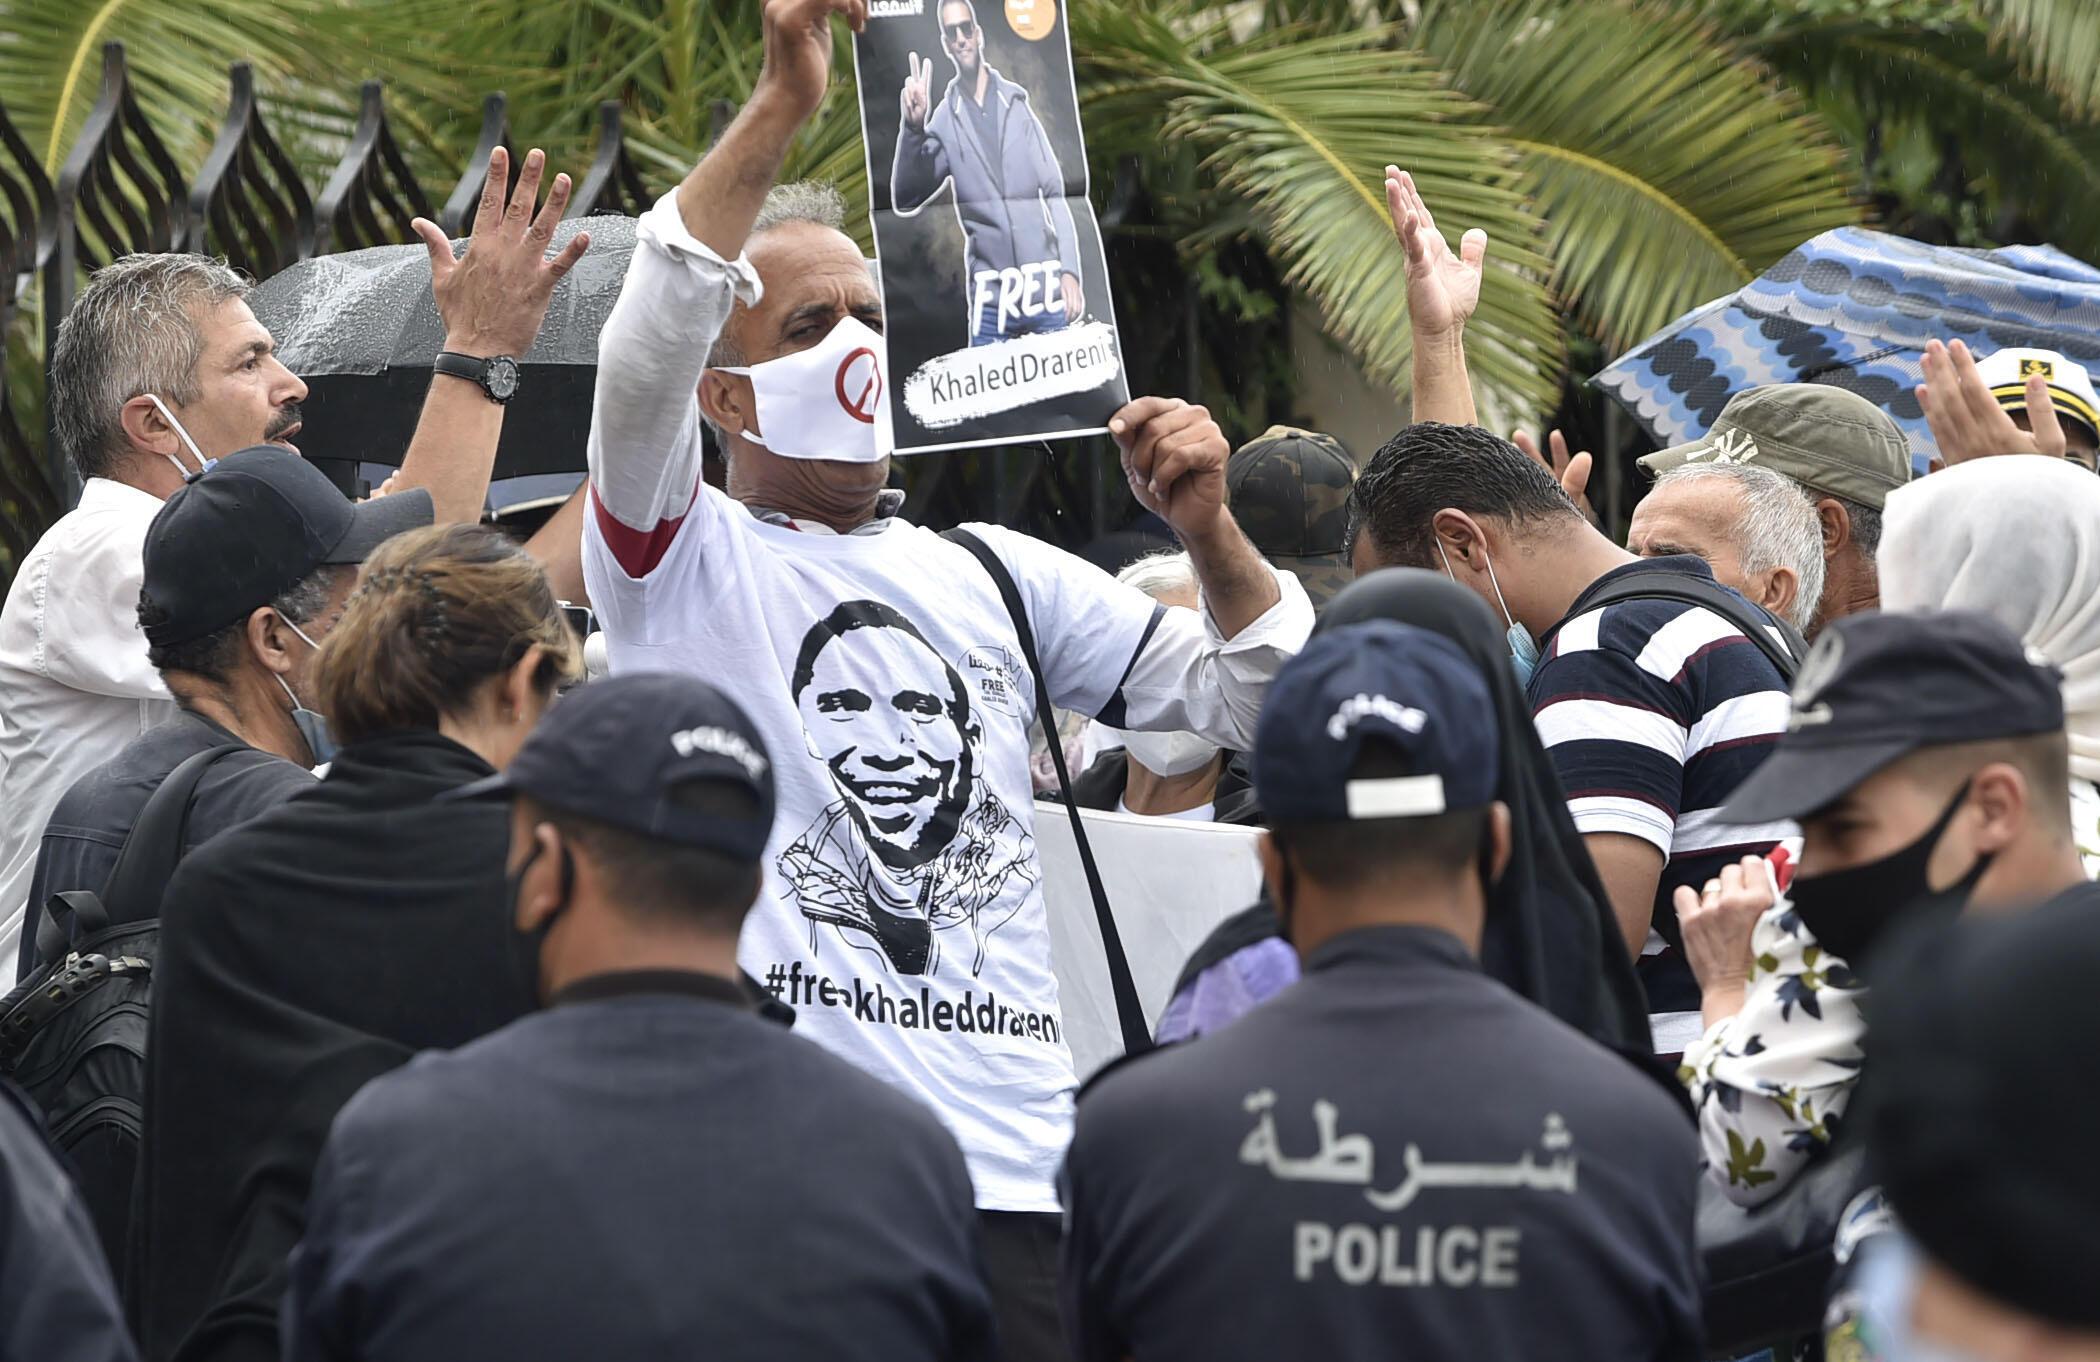 Des Algériens sont réunis le 8 septembre 2020 devant un tribunal d'Alger pour appeler à la libération du journaliste Khaled Drareni.